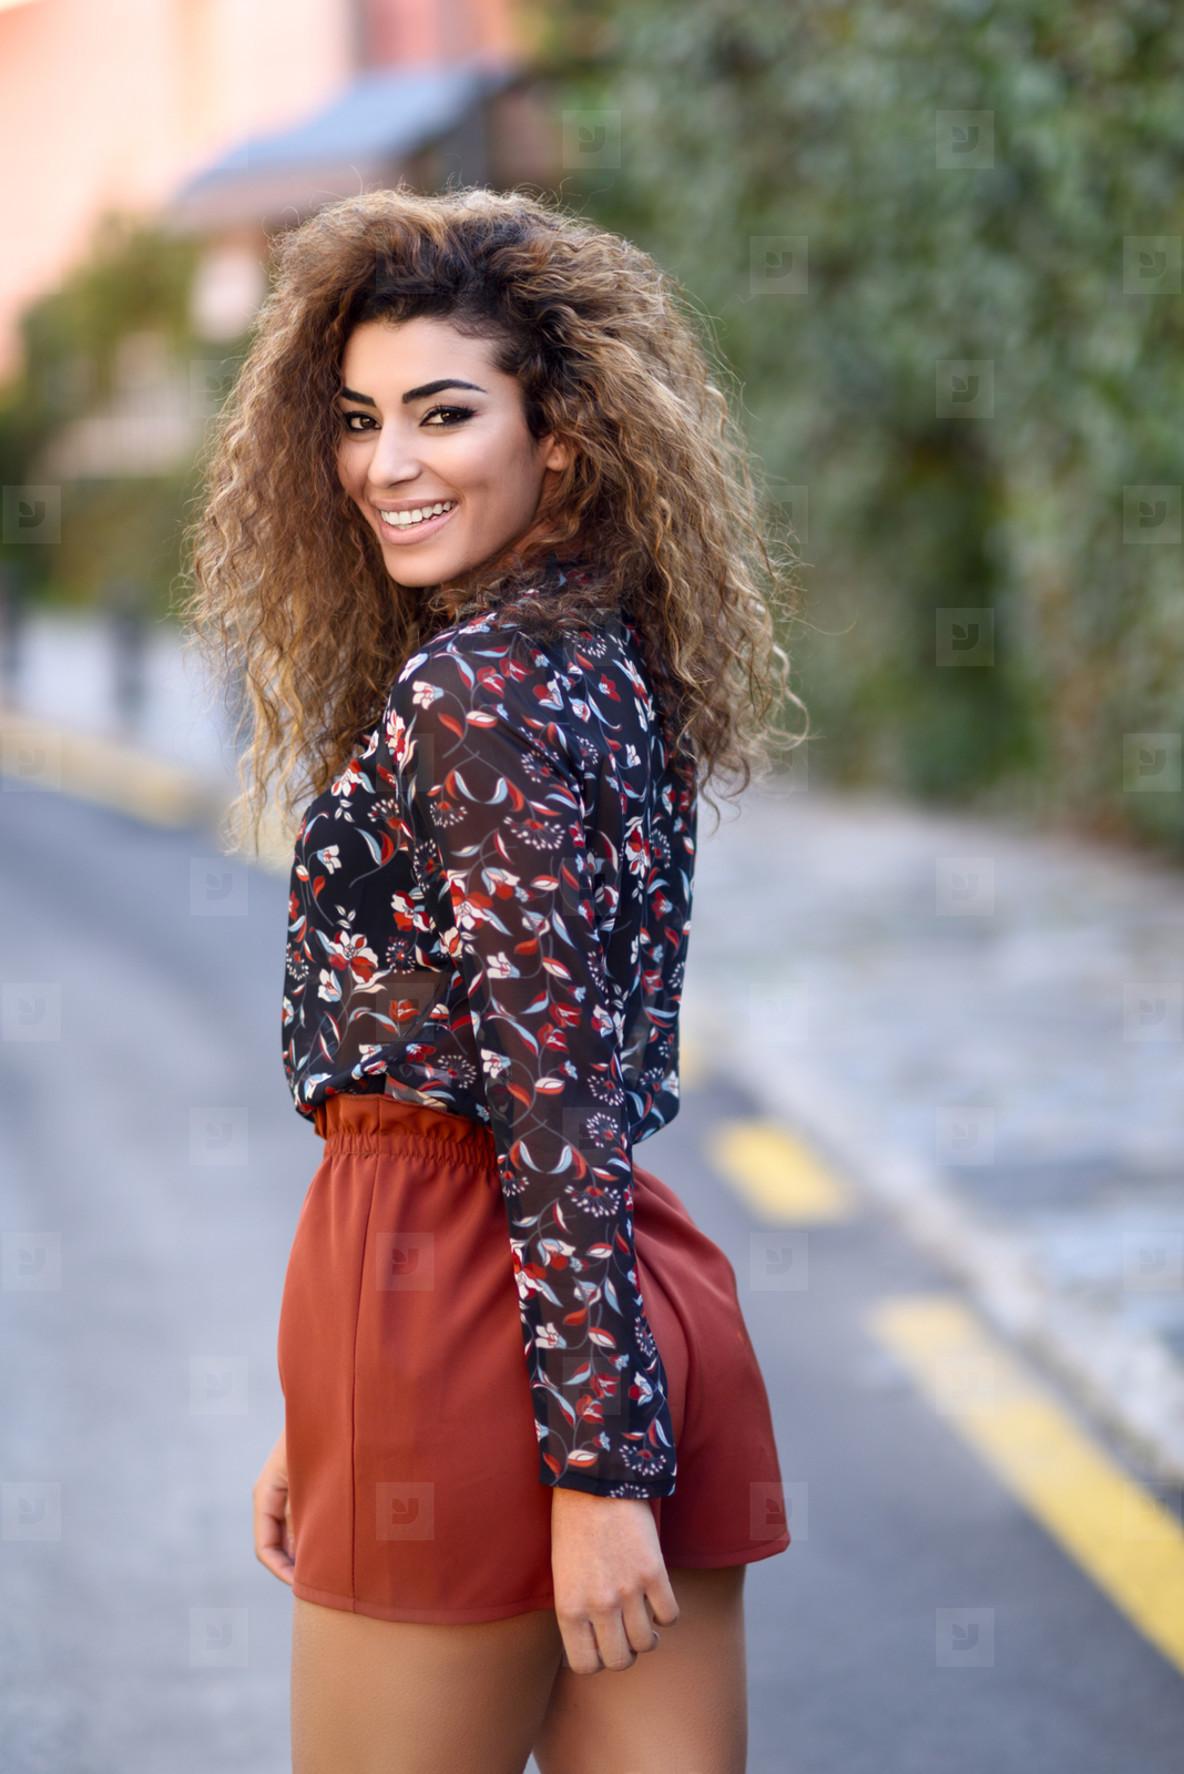 Youn arabic